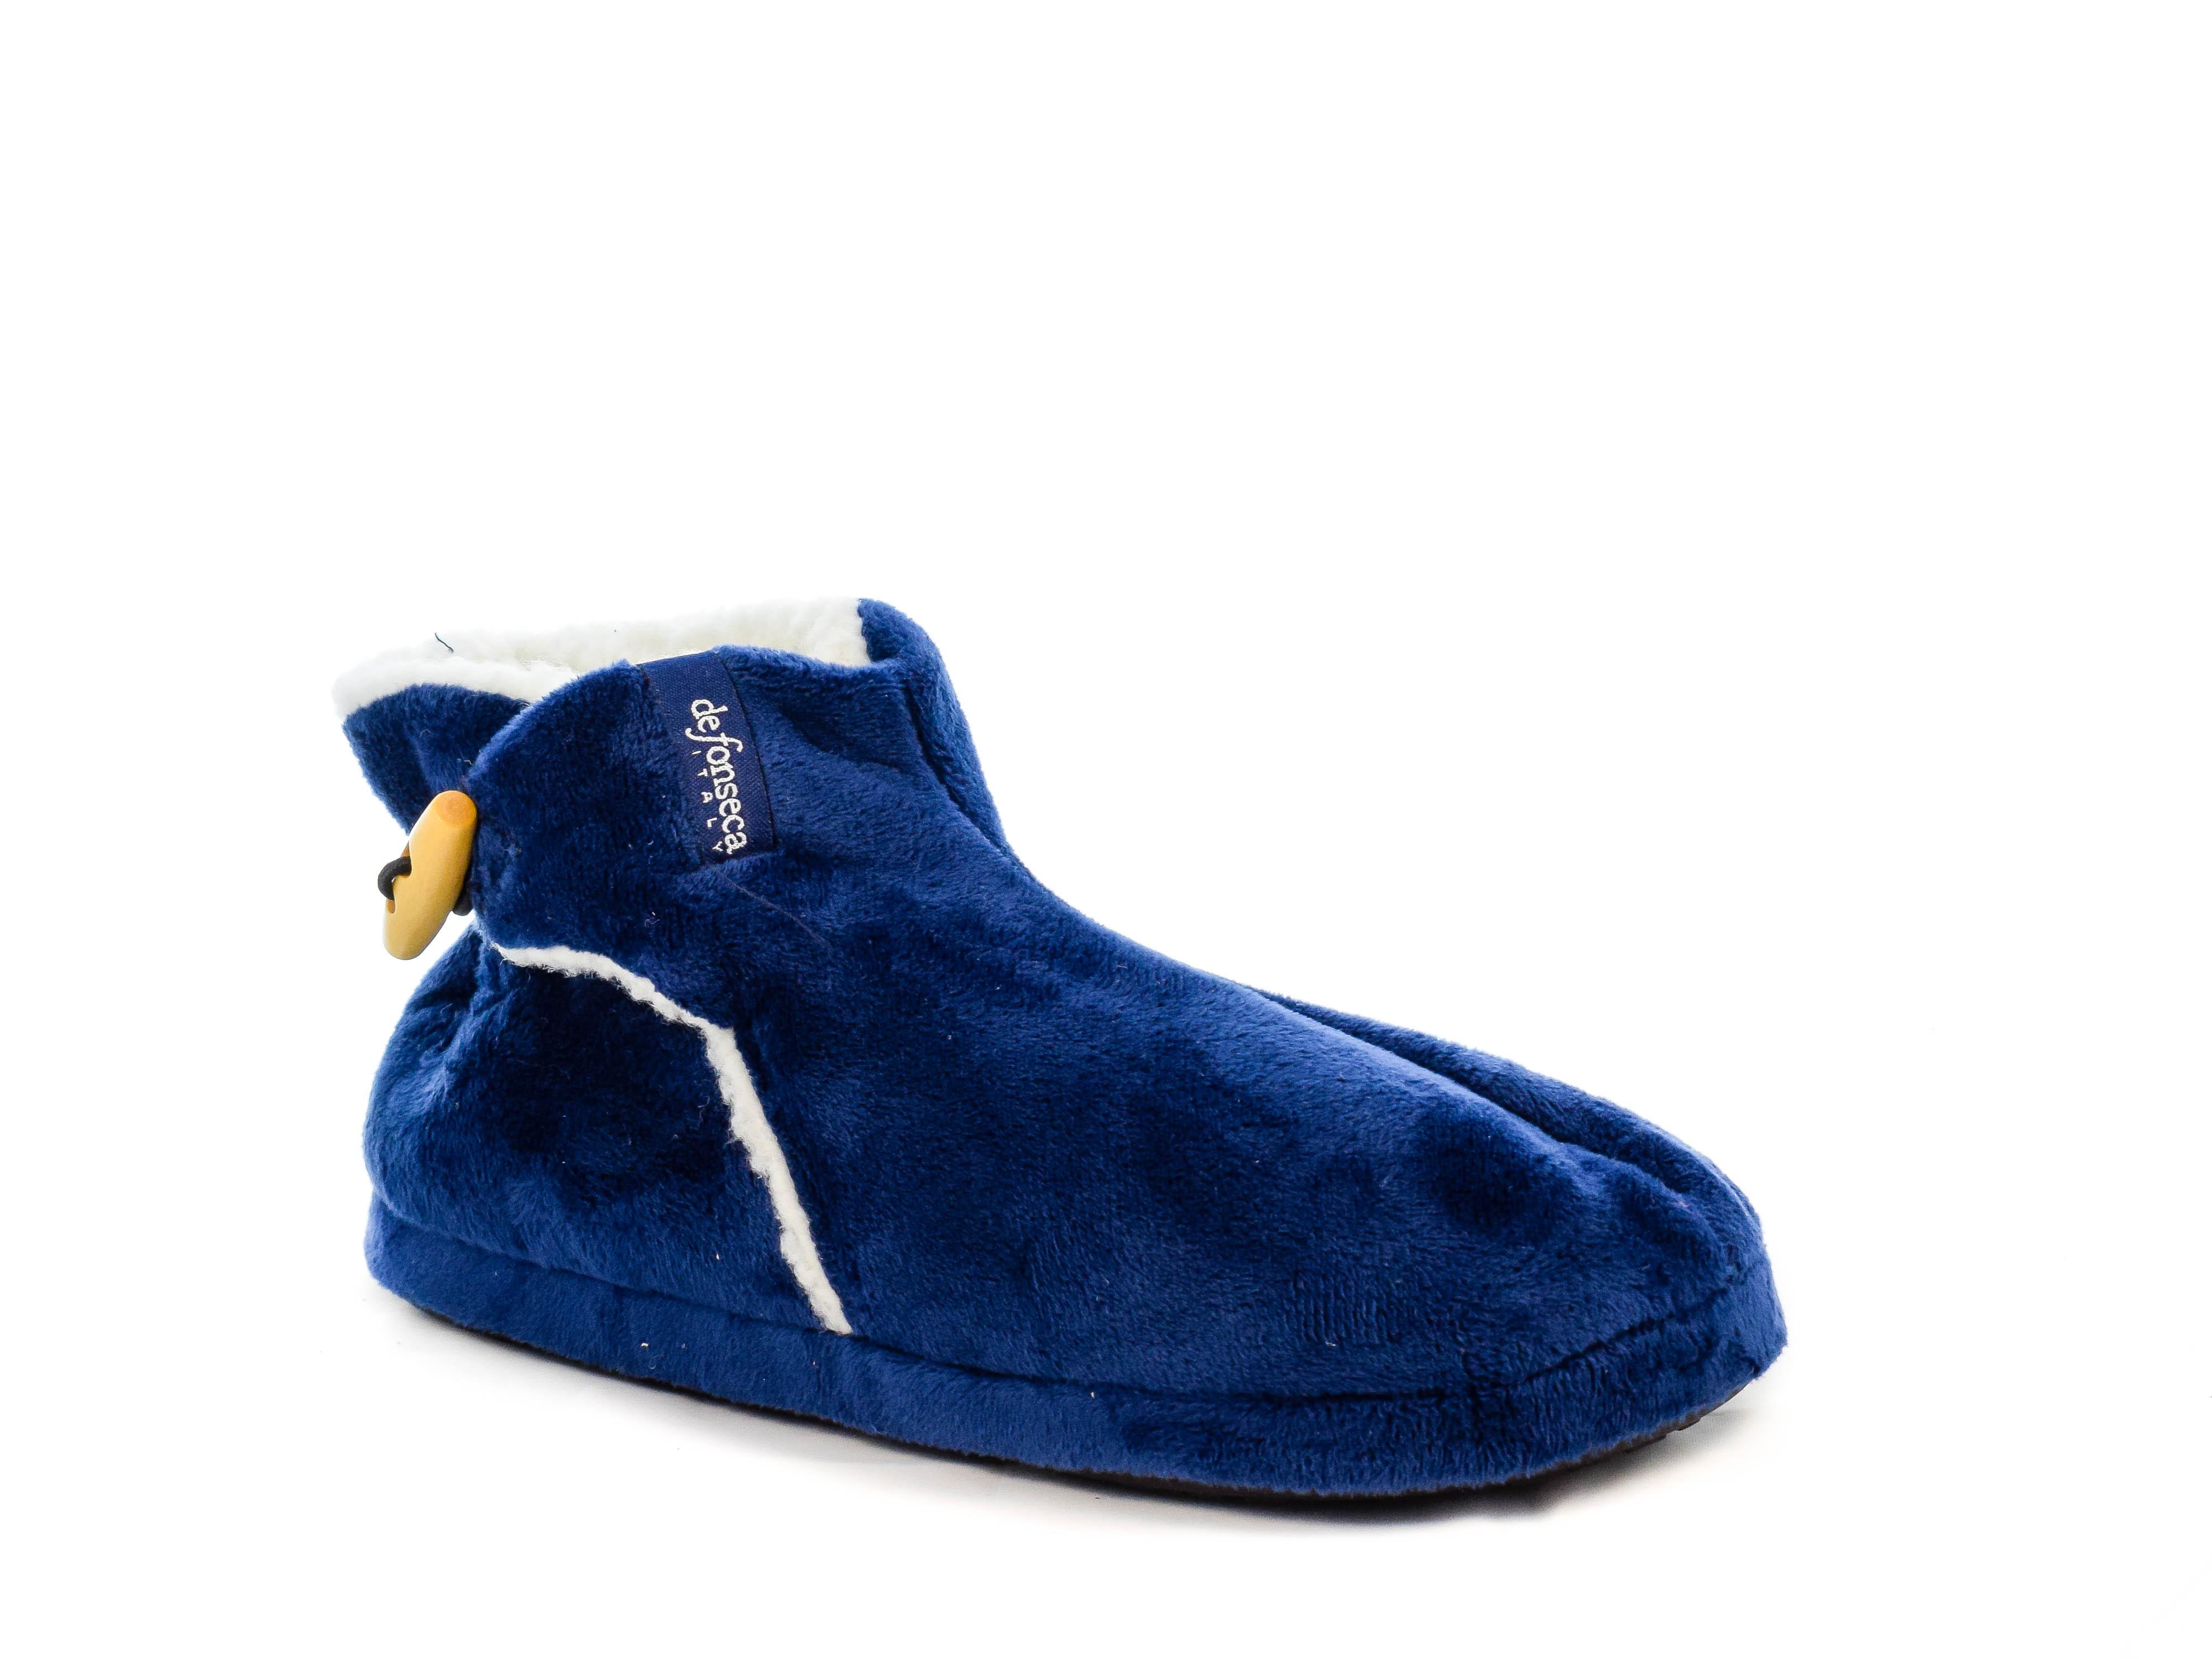 Κλειστή Παντόφλα Μποτάκι DeFonseca W15 NAVY Μπλε σκούρο